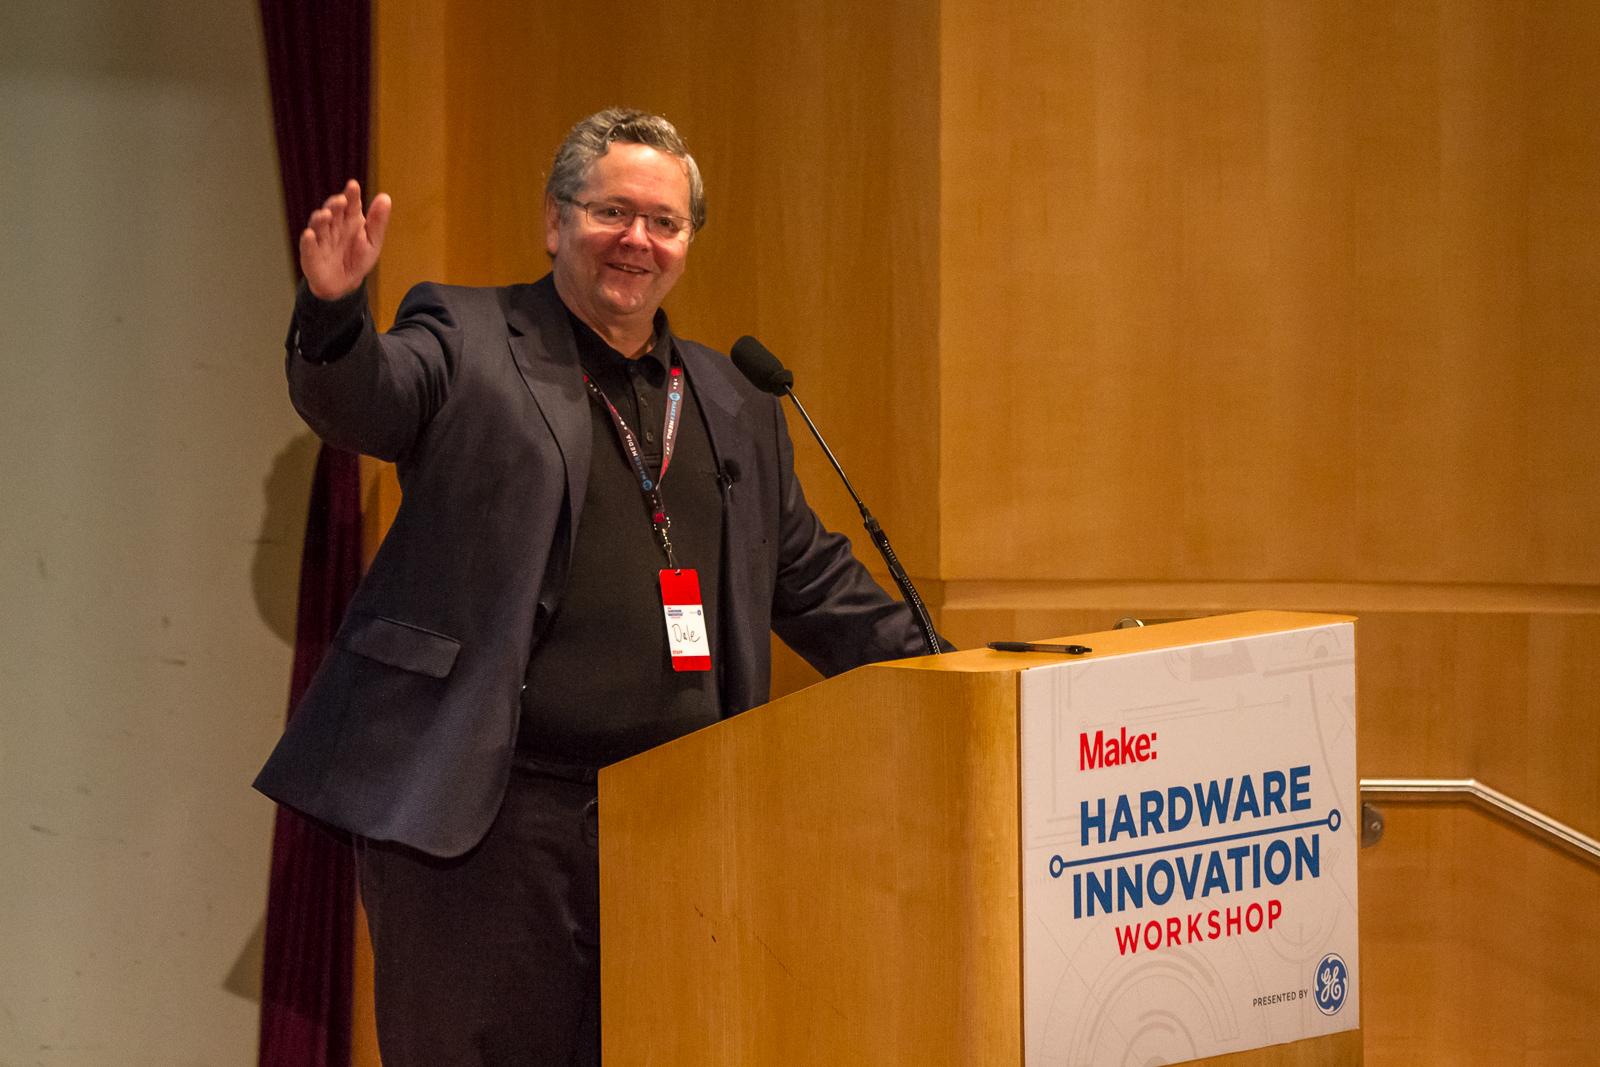 Kicking off the Hardware Innovation Workshop